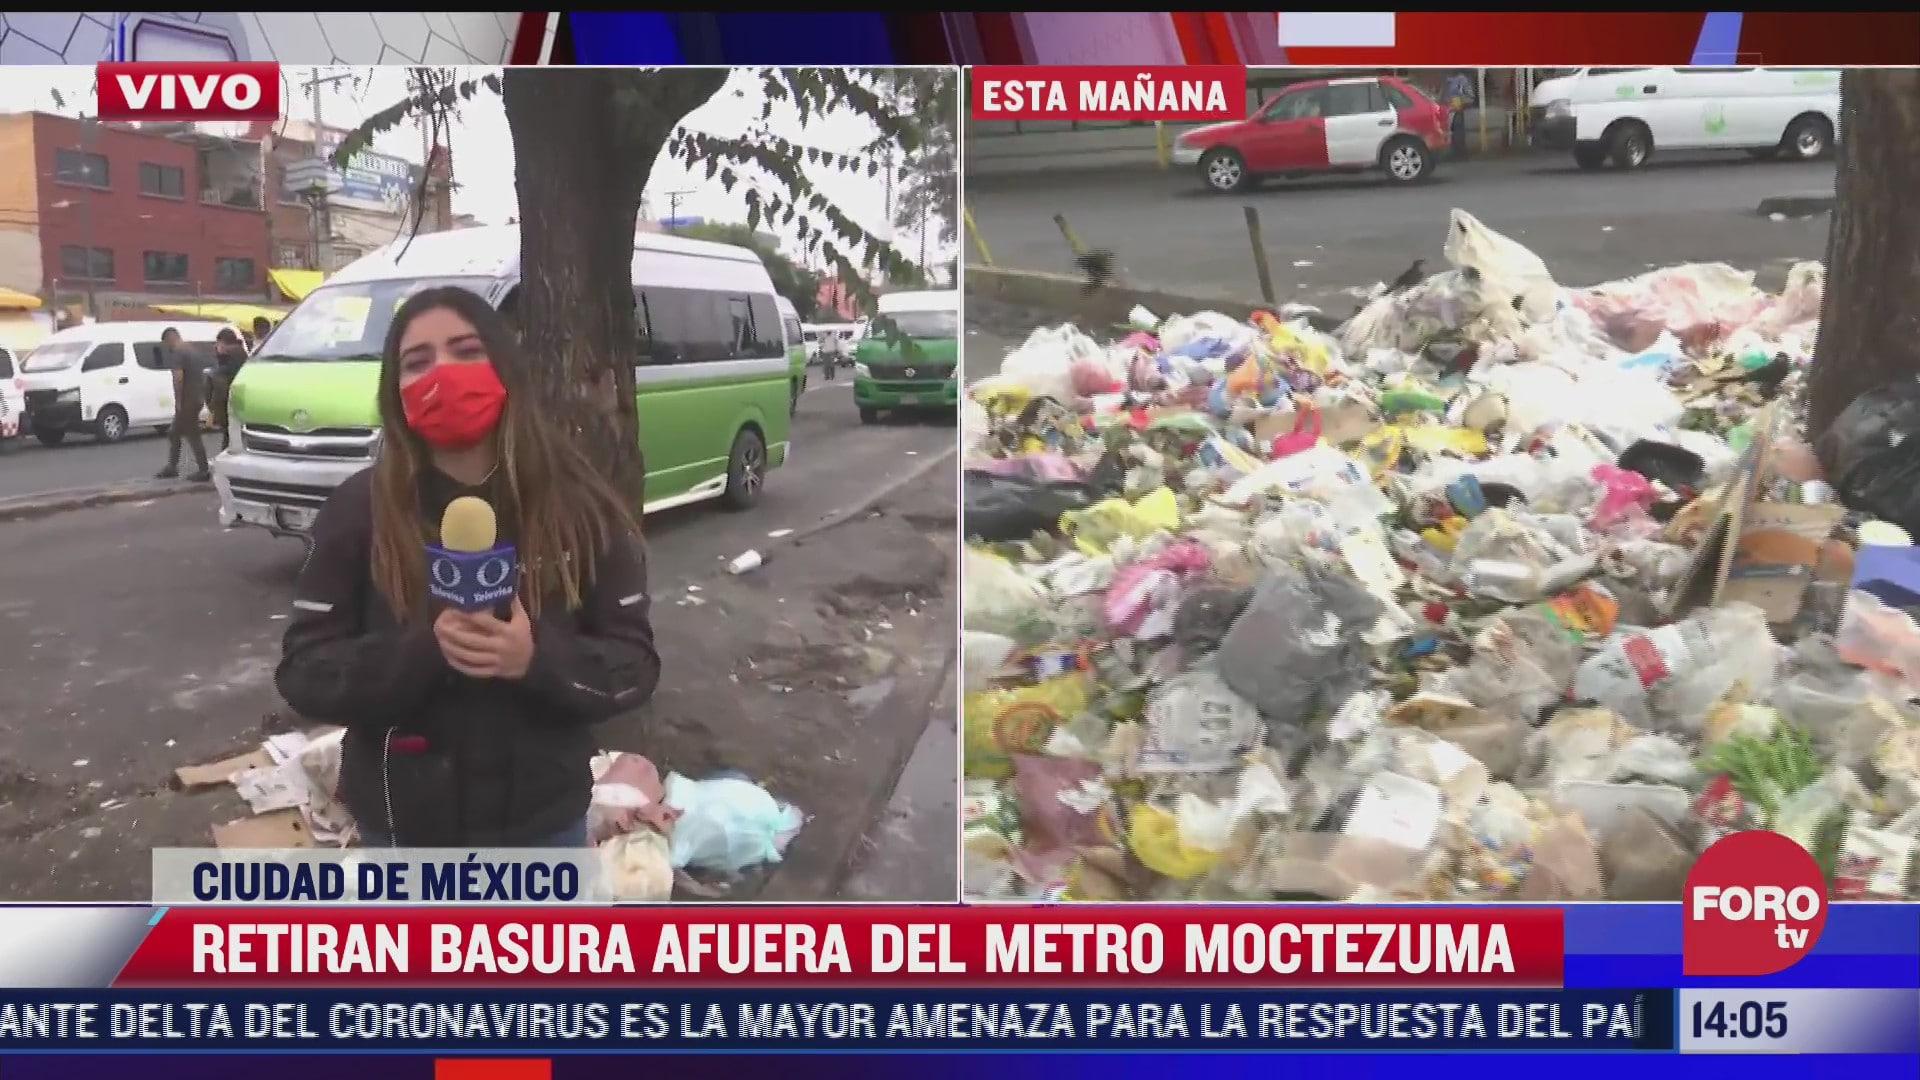 limpian basura afuera del metro moctezuma pero ciudadanos la vuelven a tirar